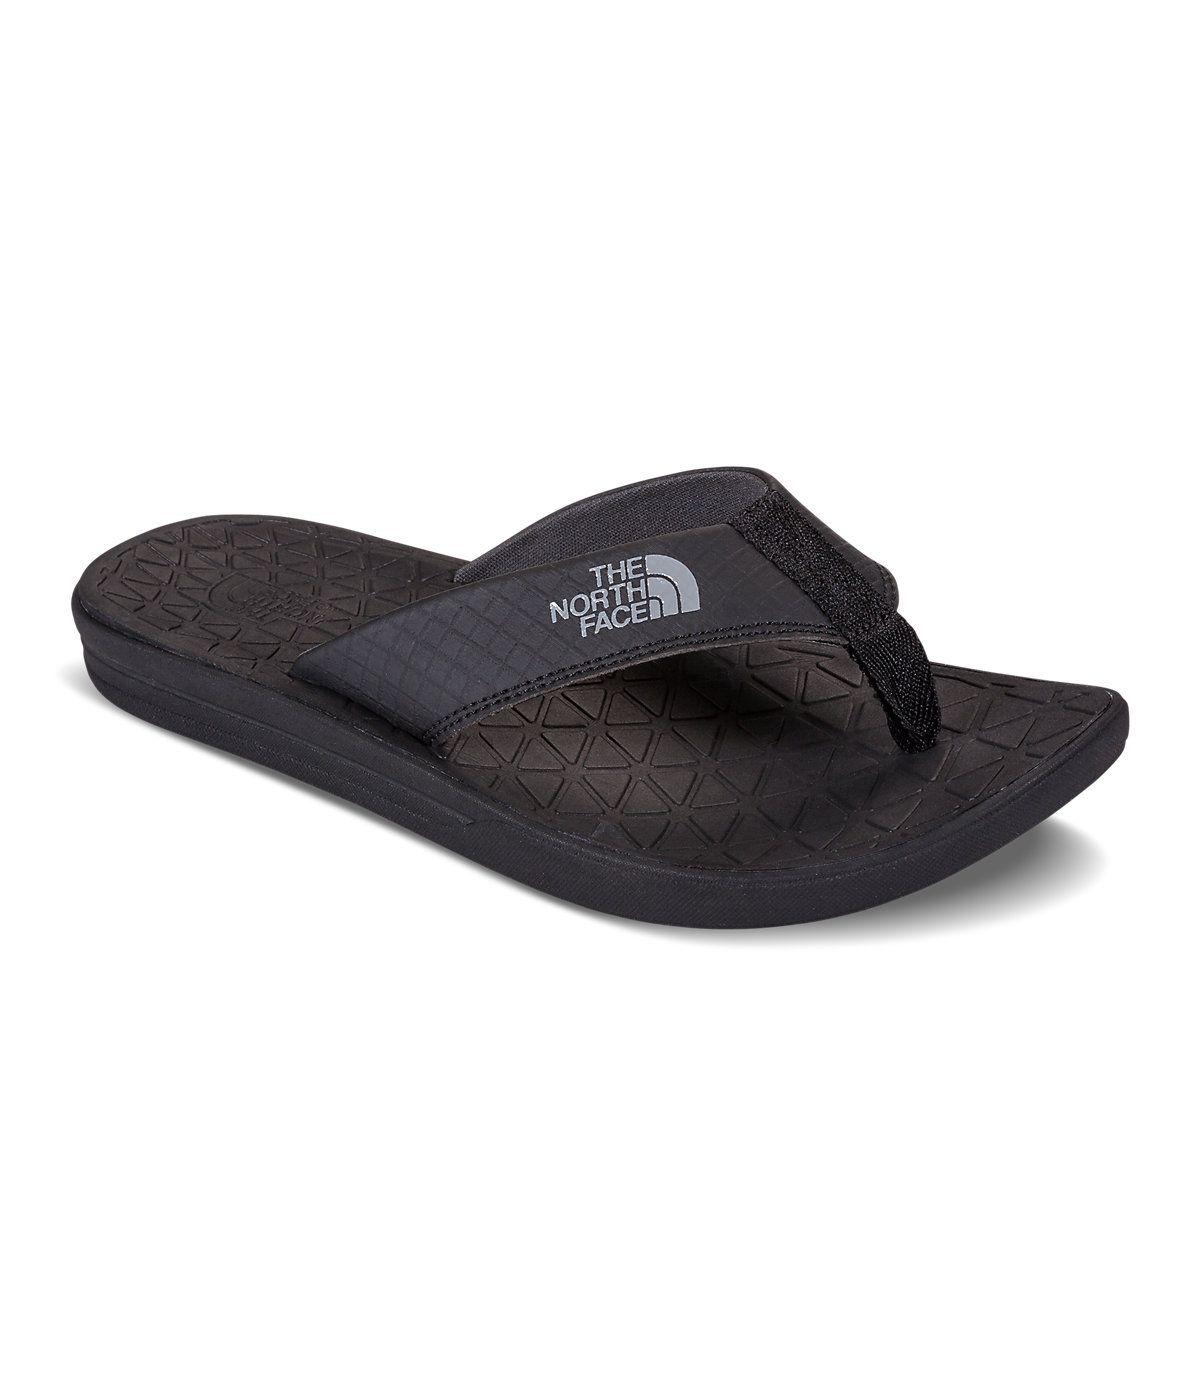 67ff40d86 Men's base camp lite flip-flops in 2019 | Products | Flip Flops ...